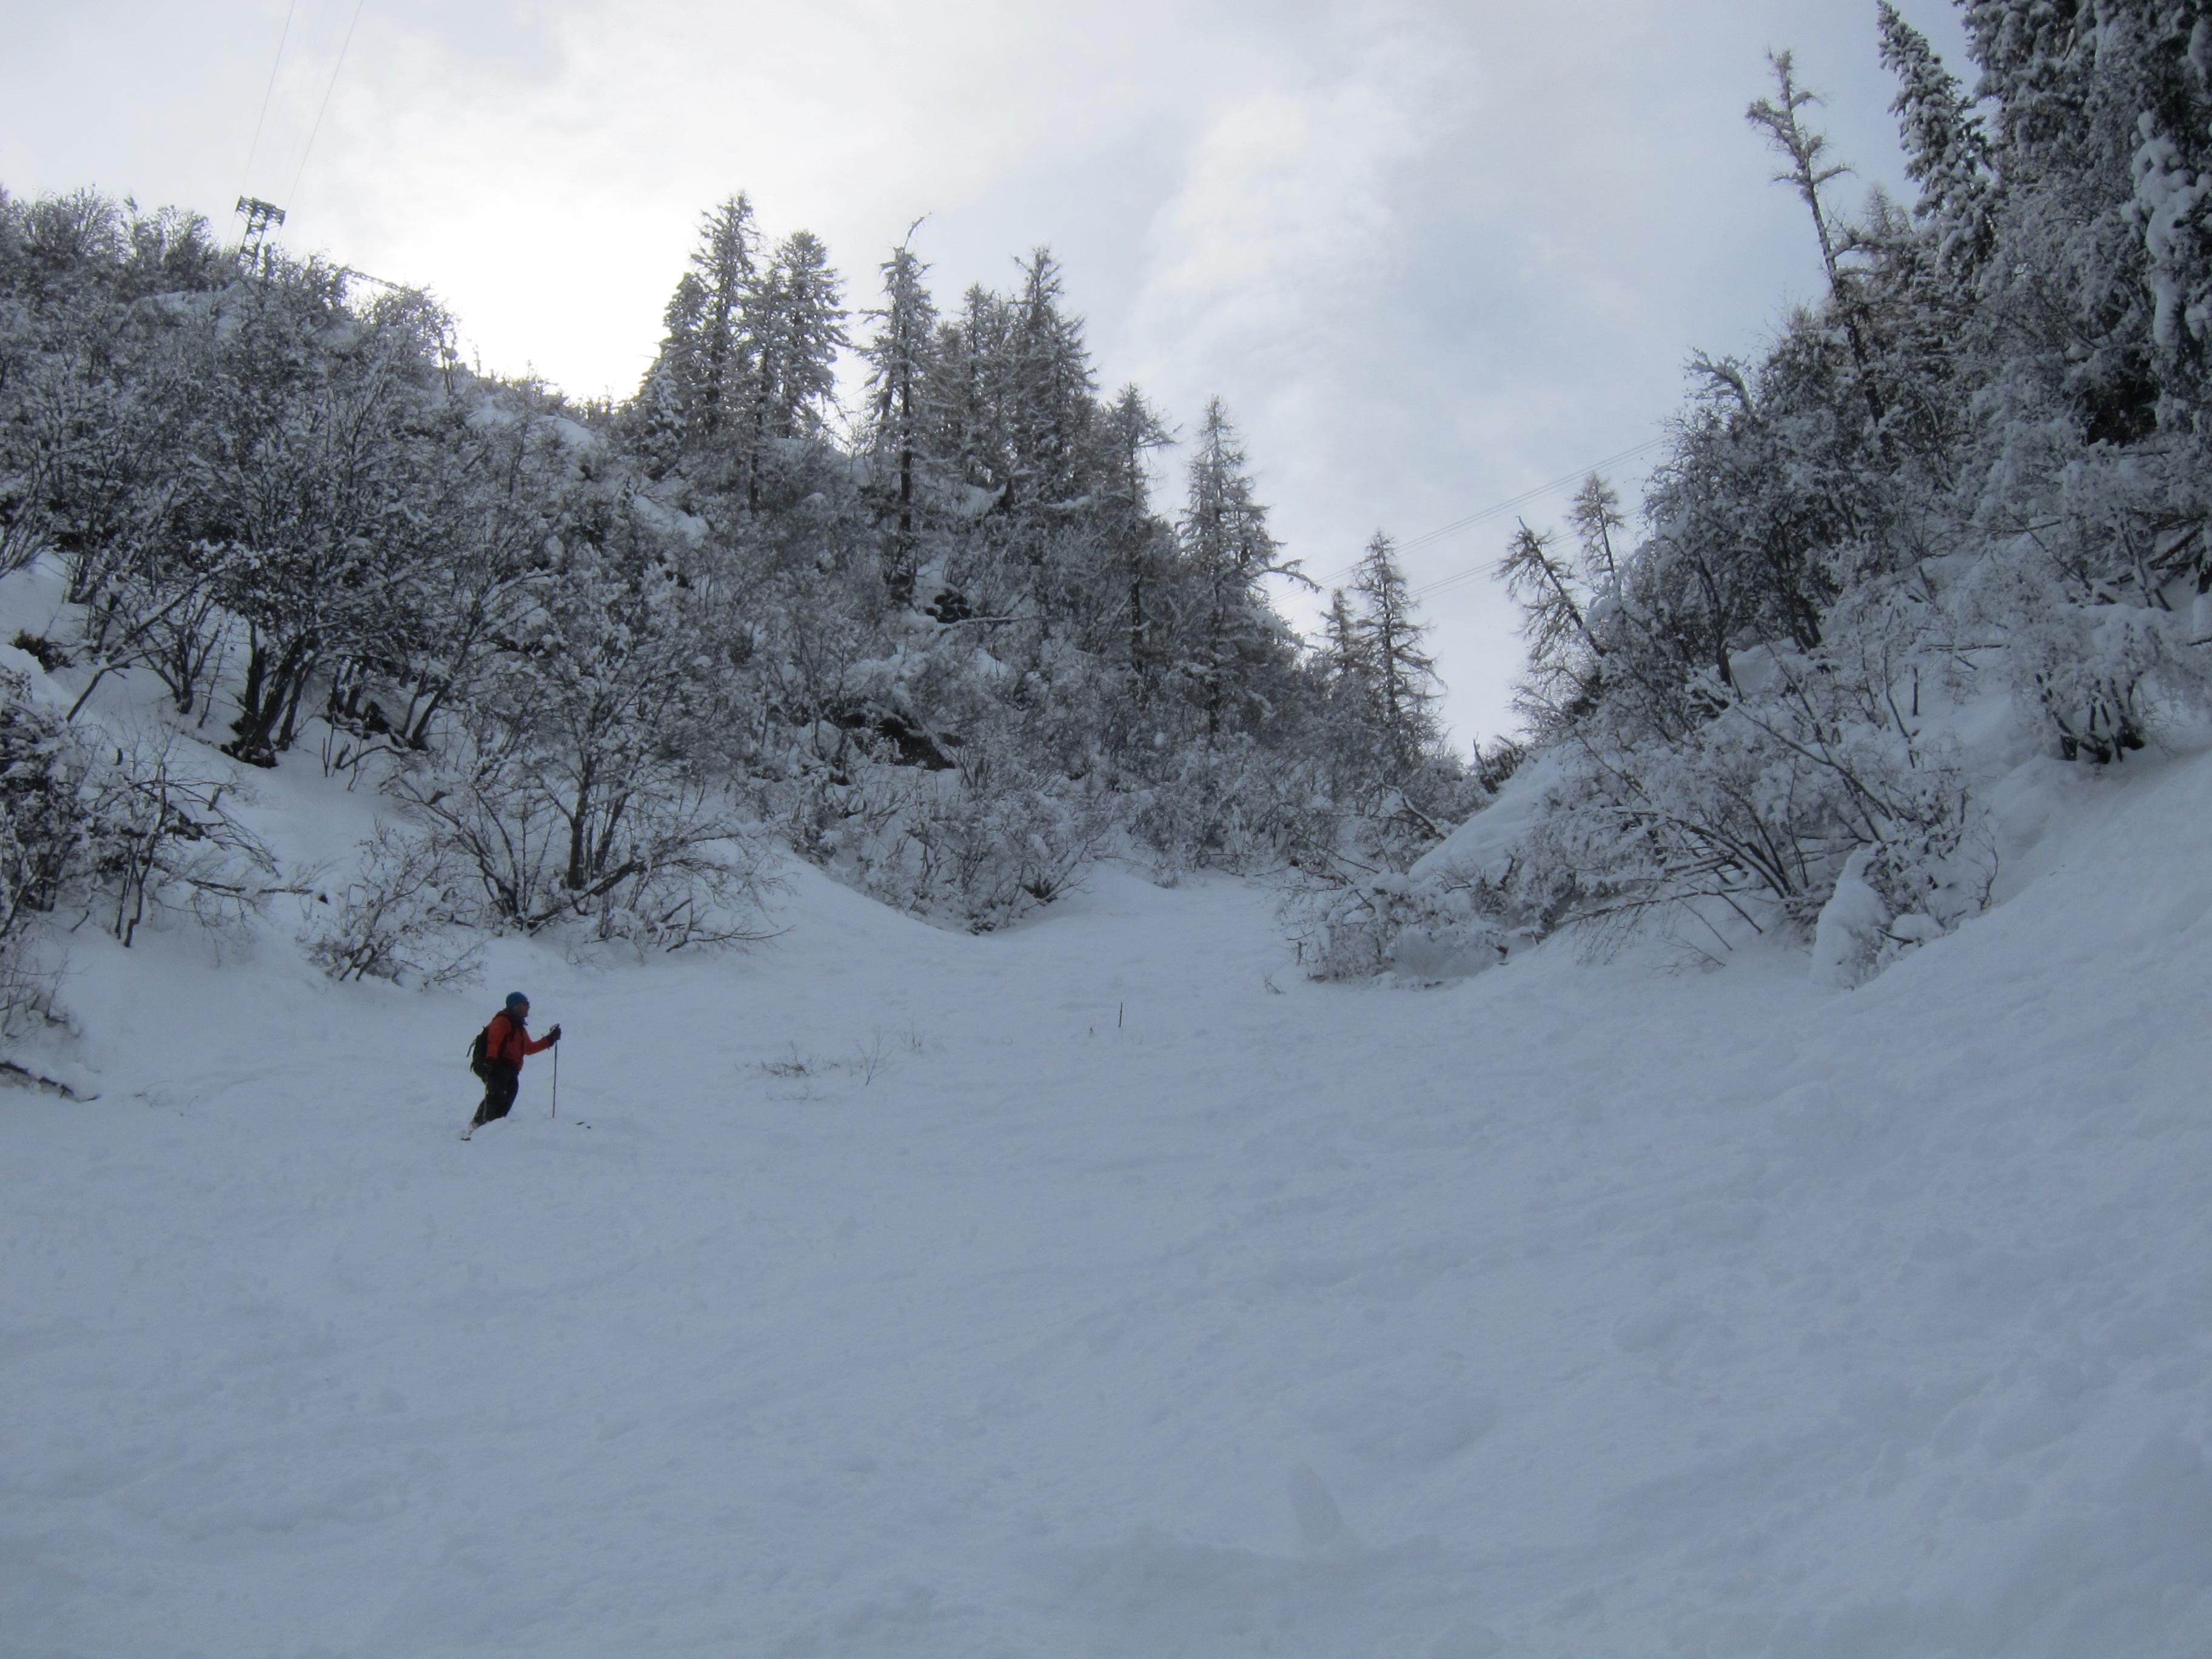 Mark enjoying the skiing